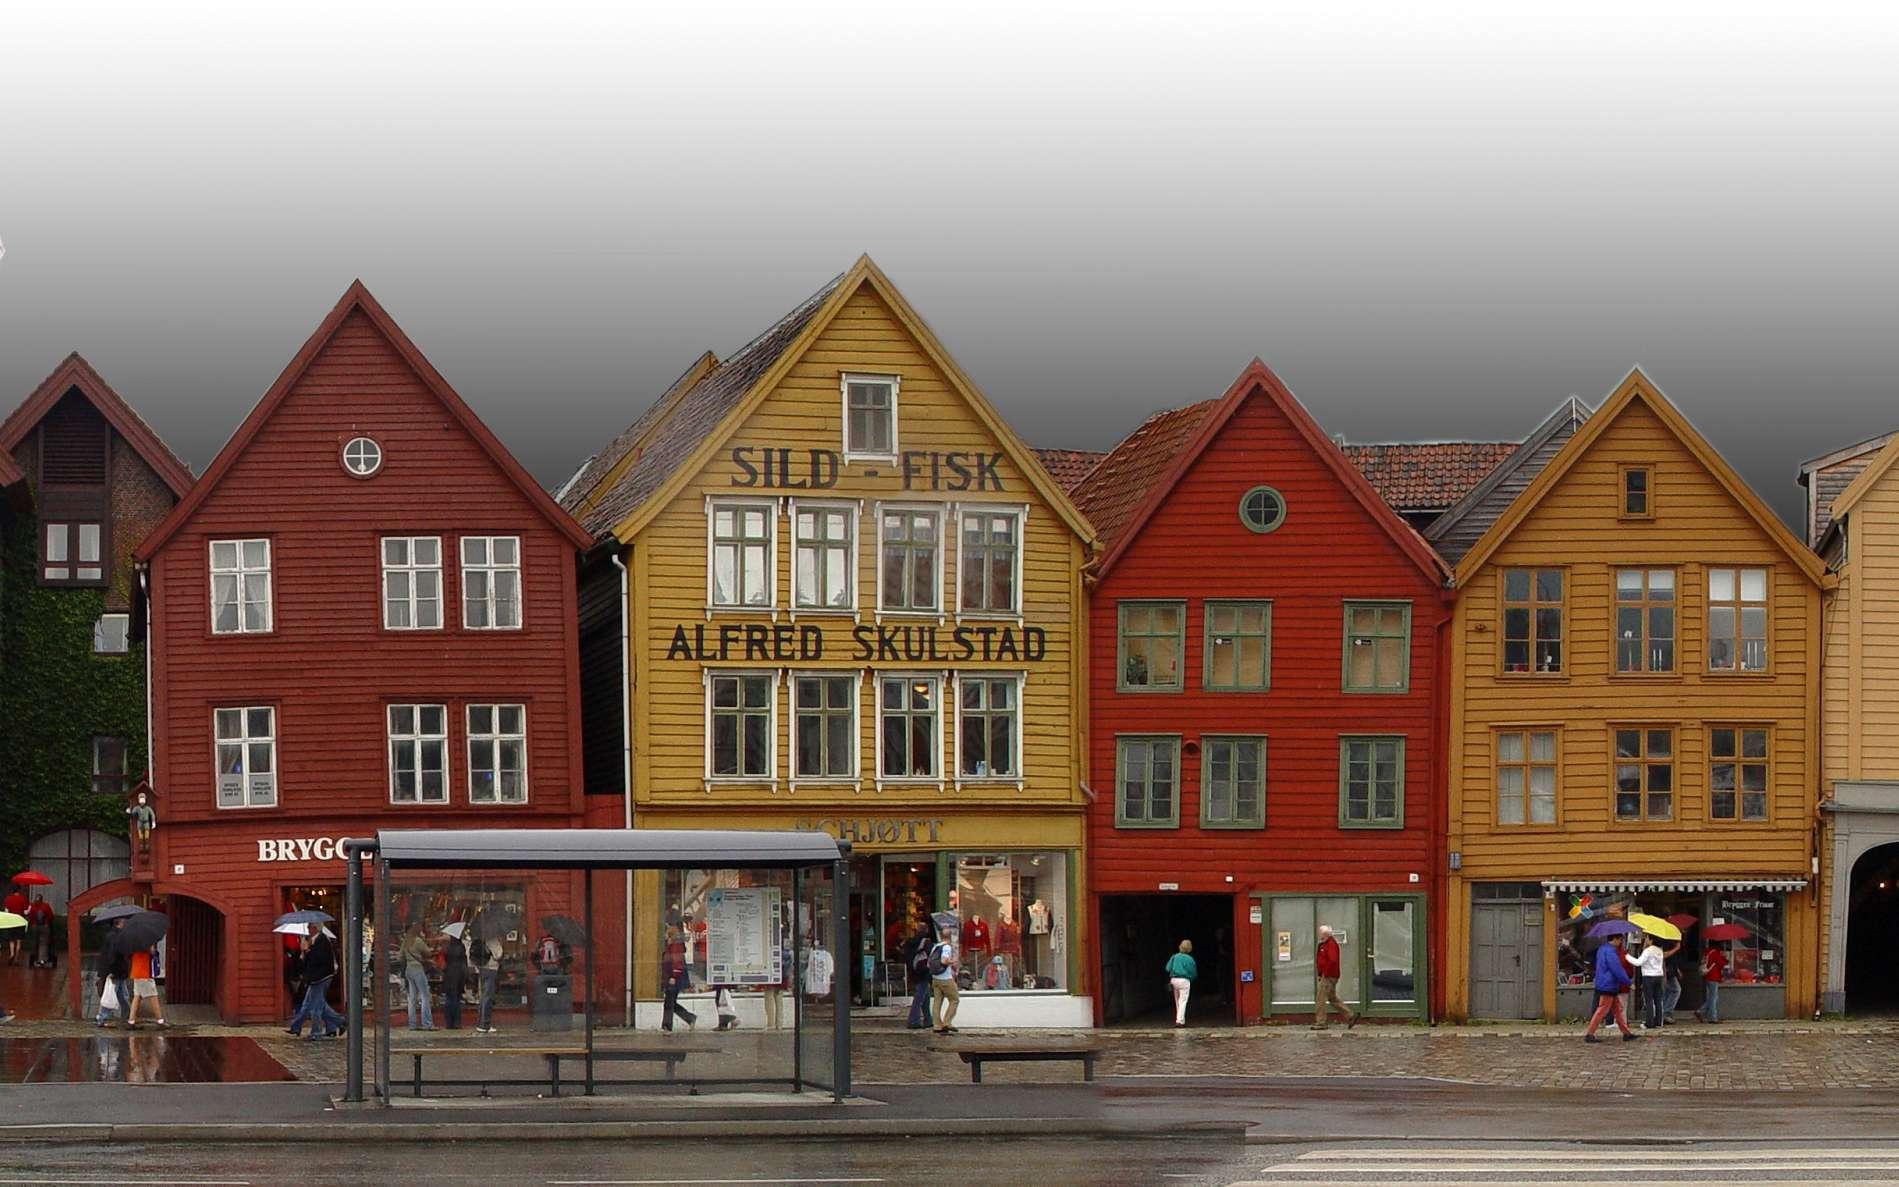 Bryggen, quartier hanséatique de Bergen, Norvège : ancien comptoir de la Hanse, actif jusqu'en 1754 ; classé au patrimoine mondial de l'Unesco depuis 1979. © Gerd Müller, Wikimedia Commons, domaine public